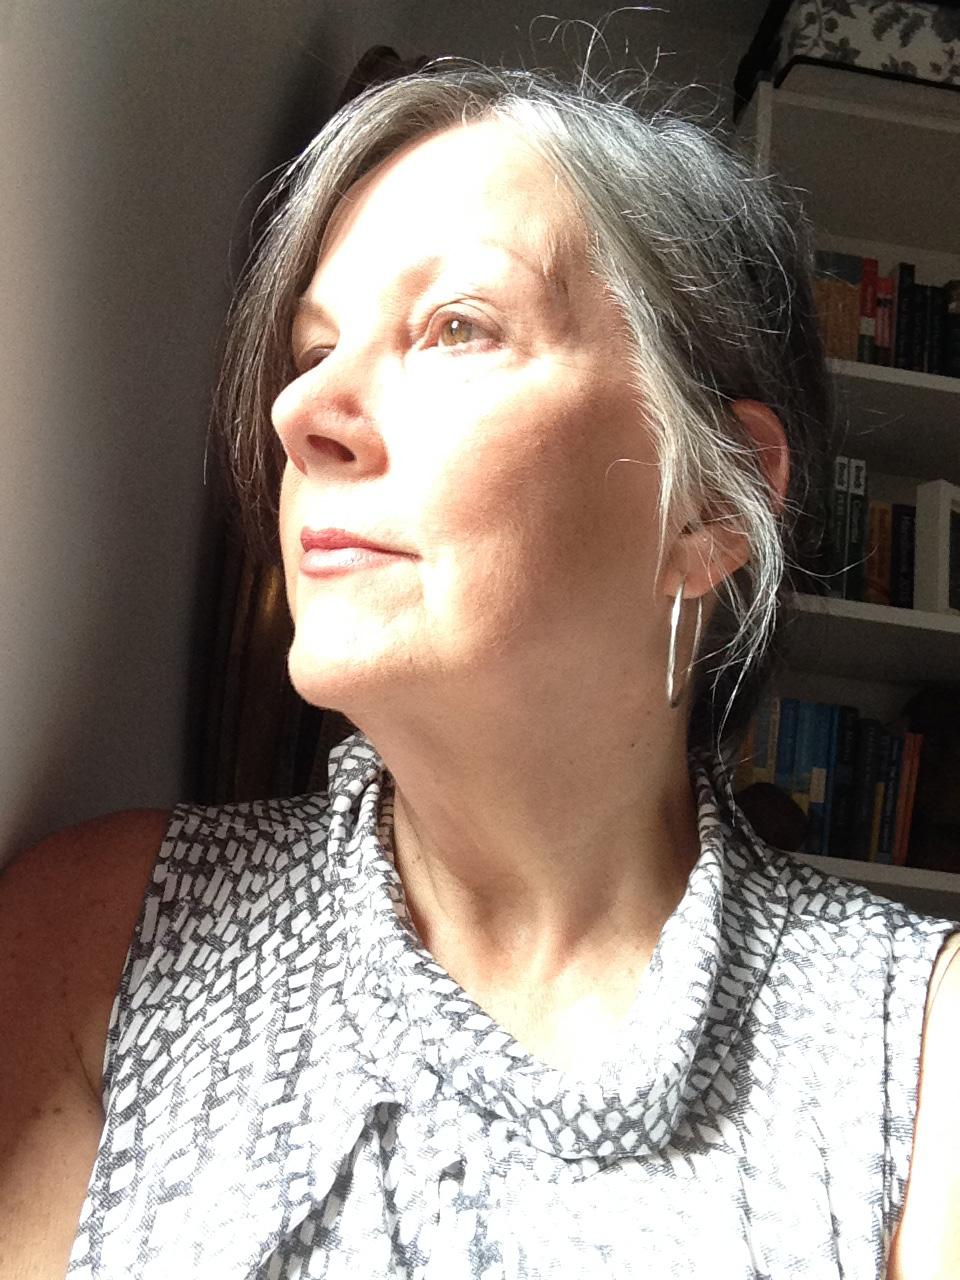 Photo of Jane Christmas, author